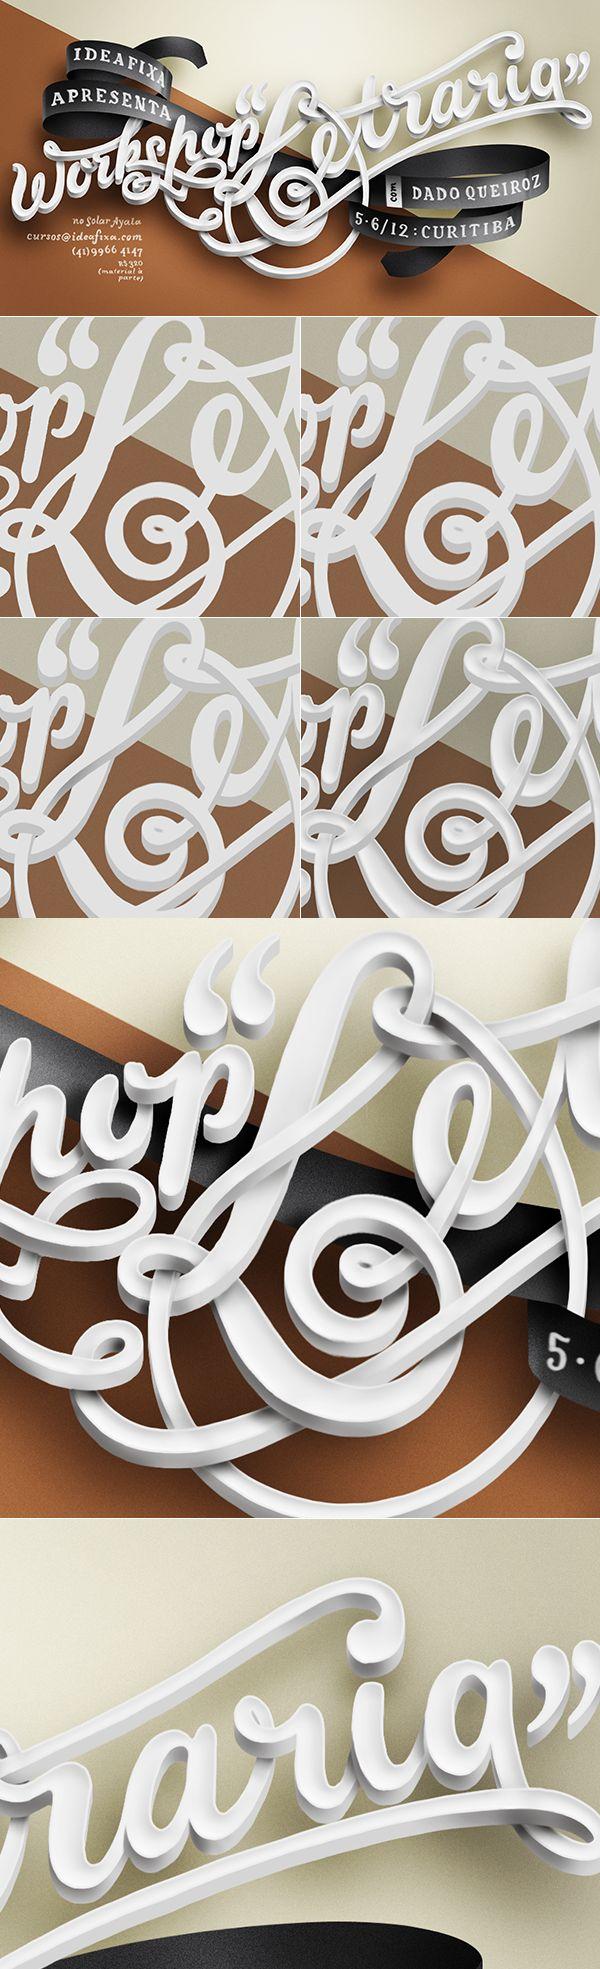 Questo lavoro grafico riesce a rendere  un senso di eleganza per l'abbinamento dei colori scelti. Il carattere in rilievo rende più articolato l'effetto dato dalla scrittura in corsivo prevalentemente formata da una sola linea continua.